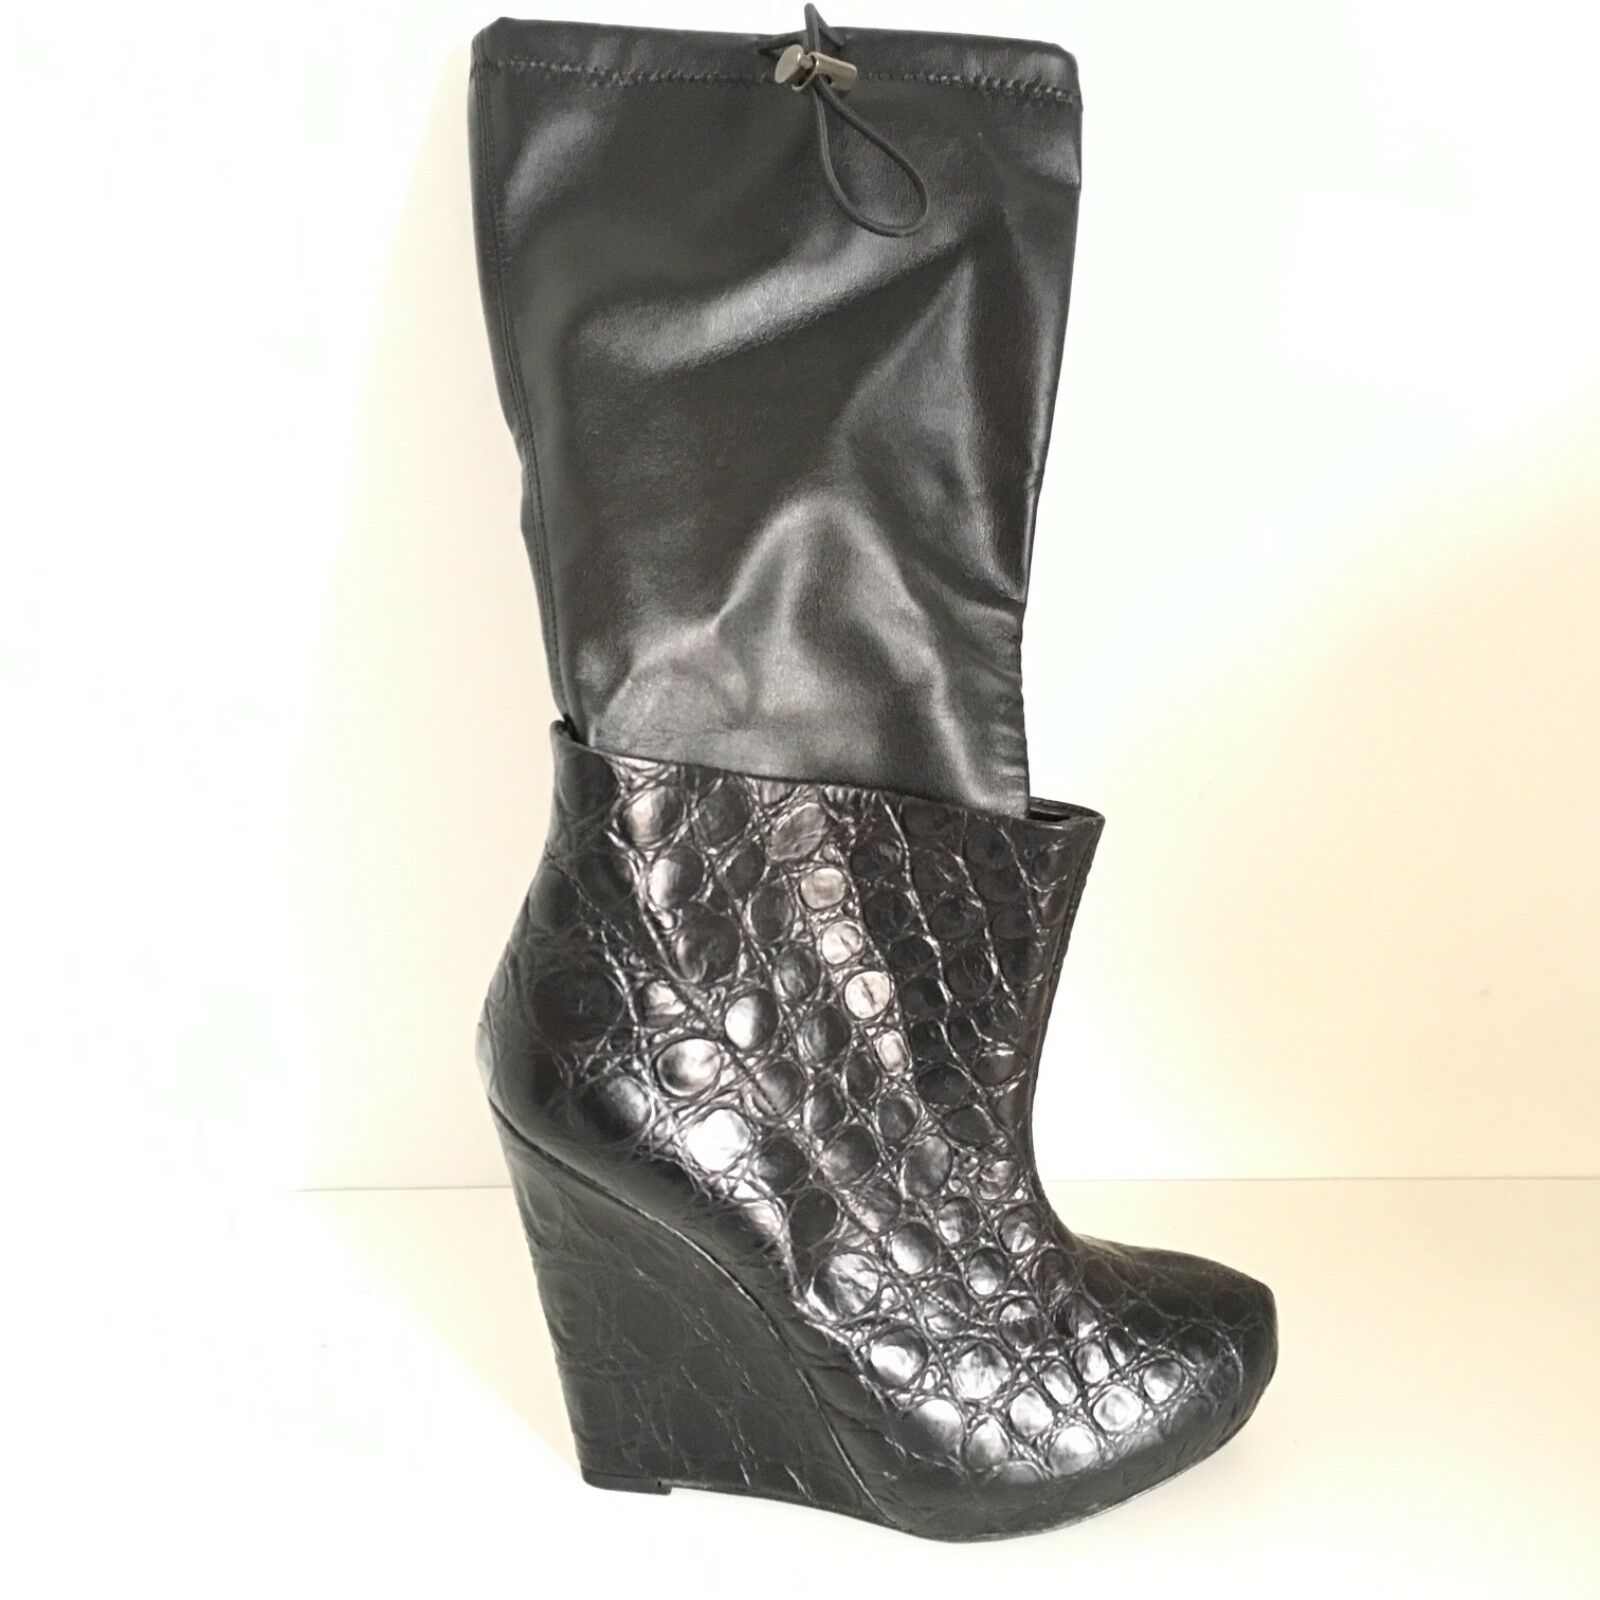 GIACOMORELLI chaussures n. 37 femme GIAW81 noir cuir